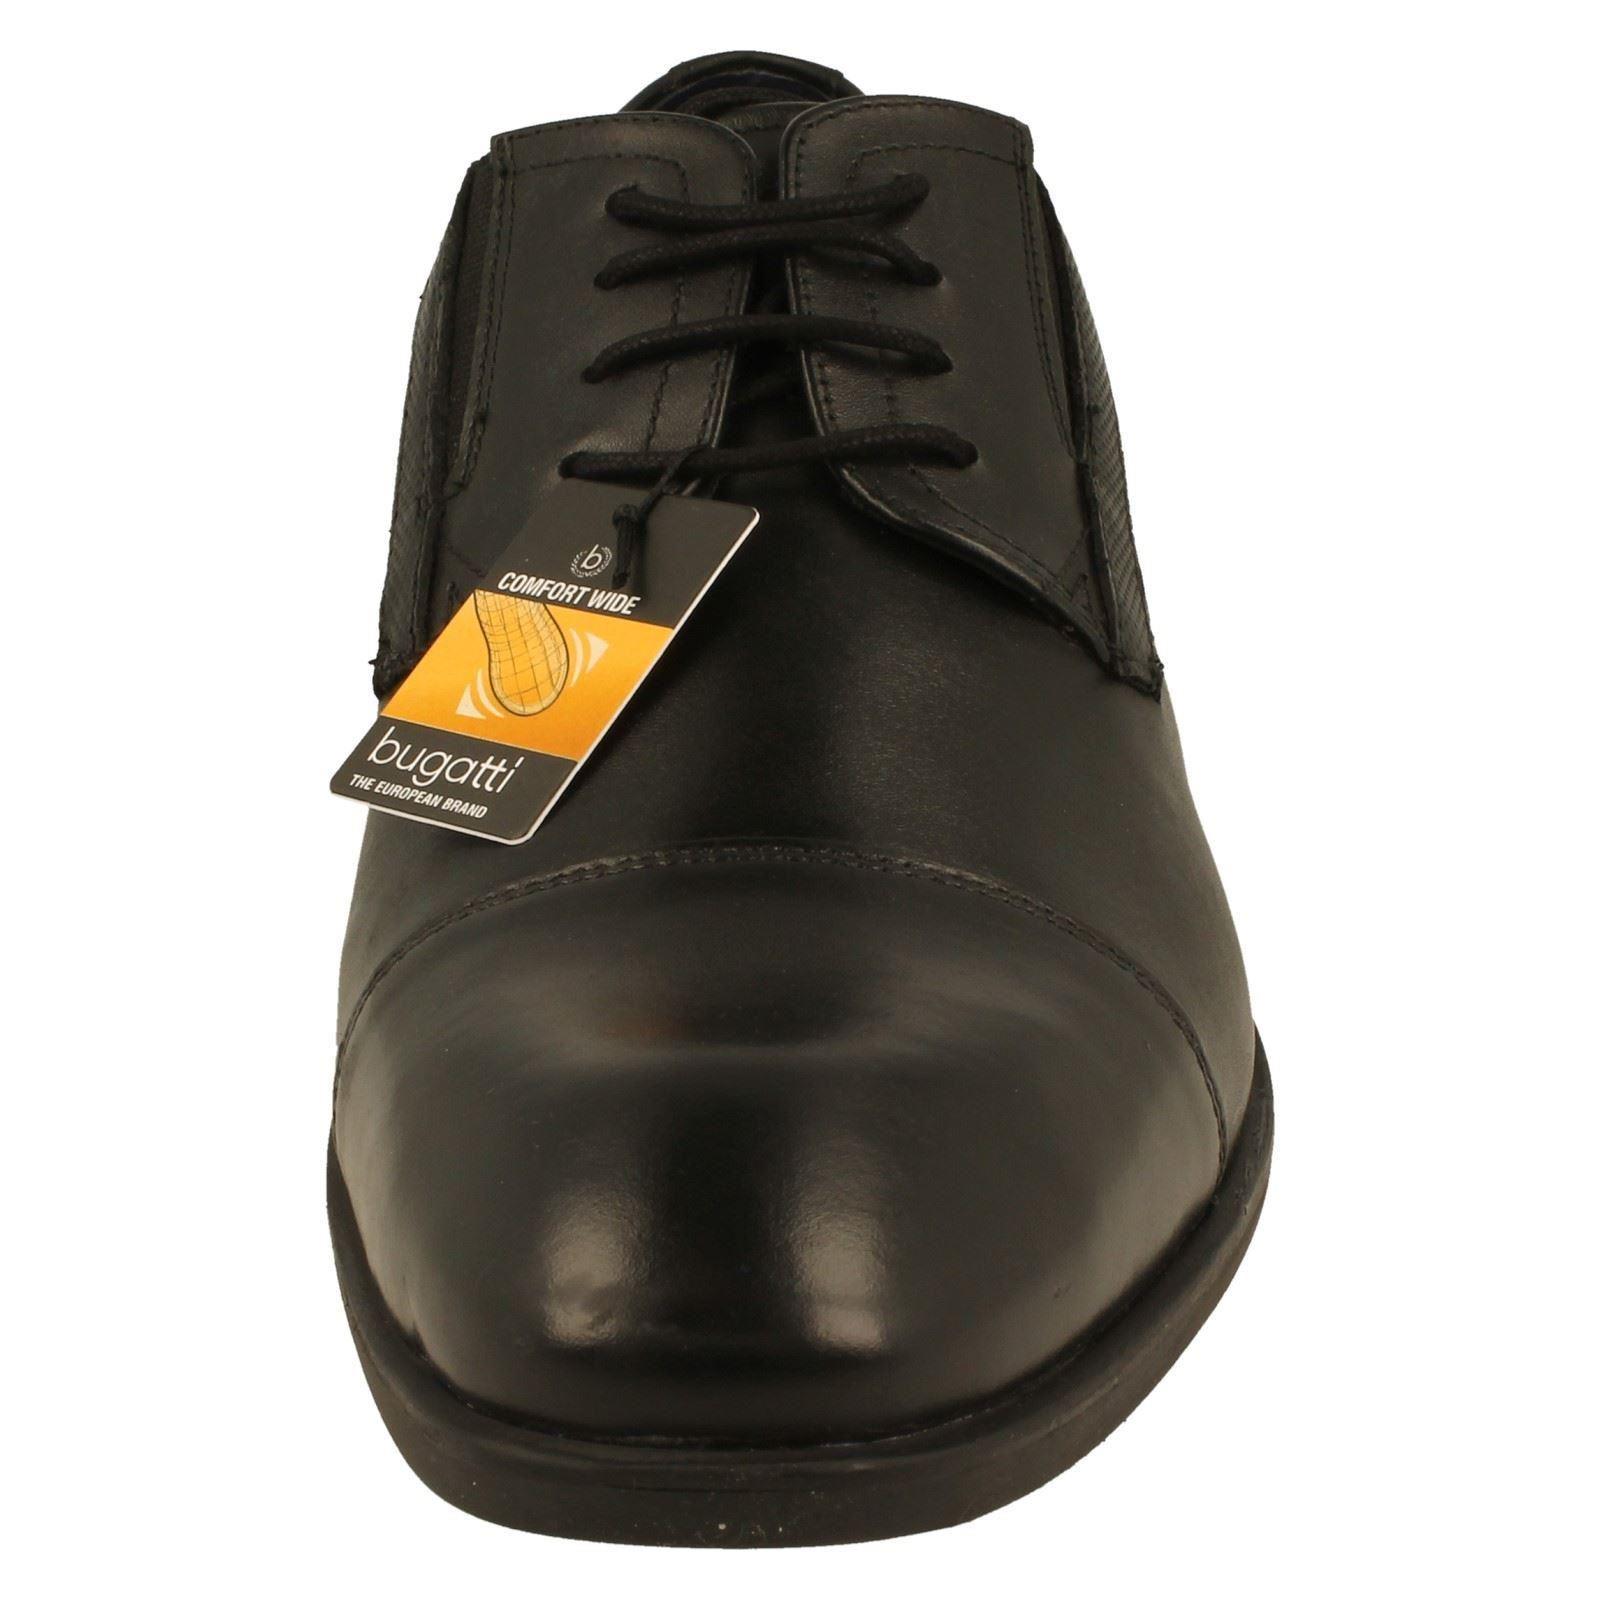 Mens Bugatti Casual Savi Lace Up Leather Shoes The Style Savi Casual Evo 23bba8